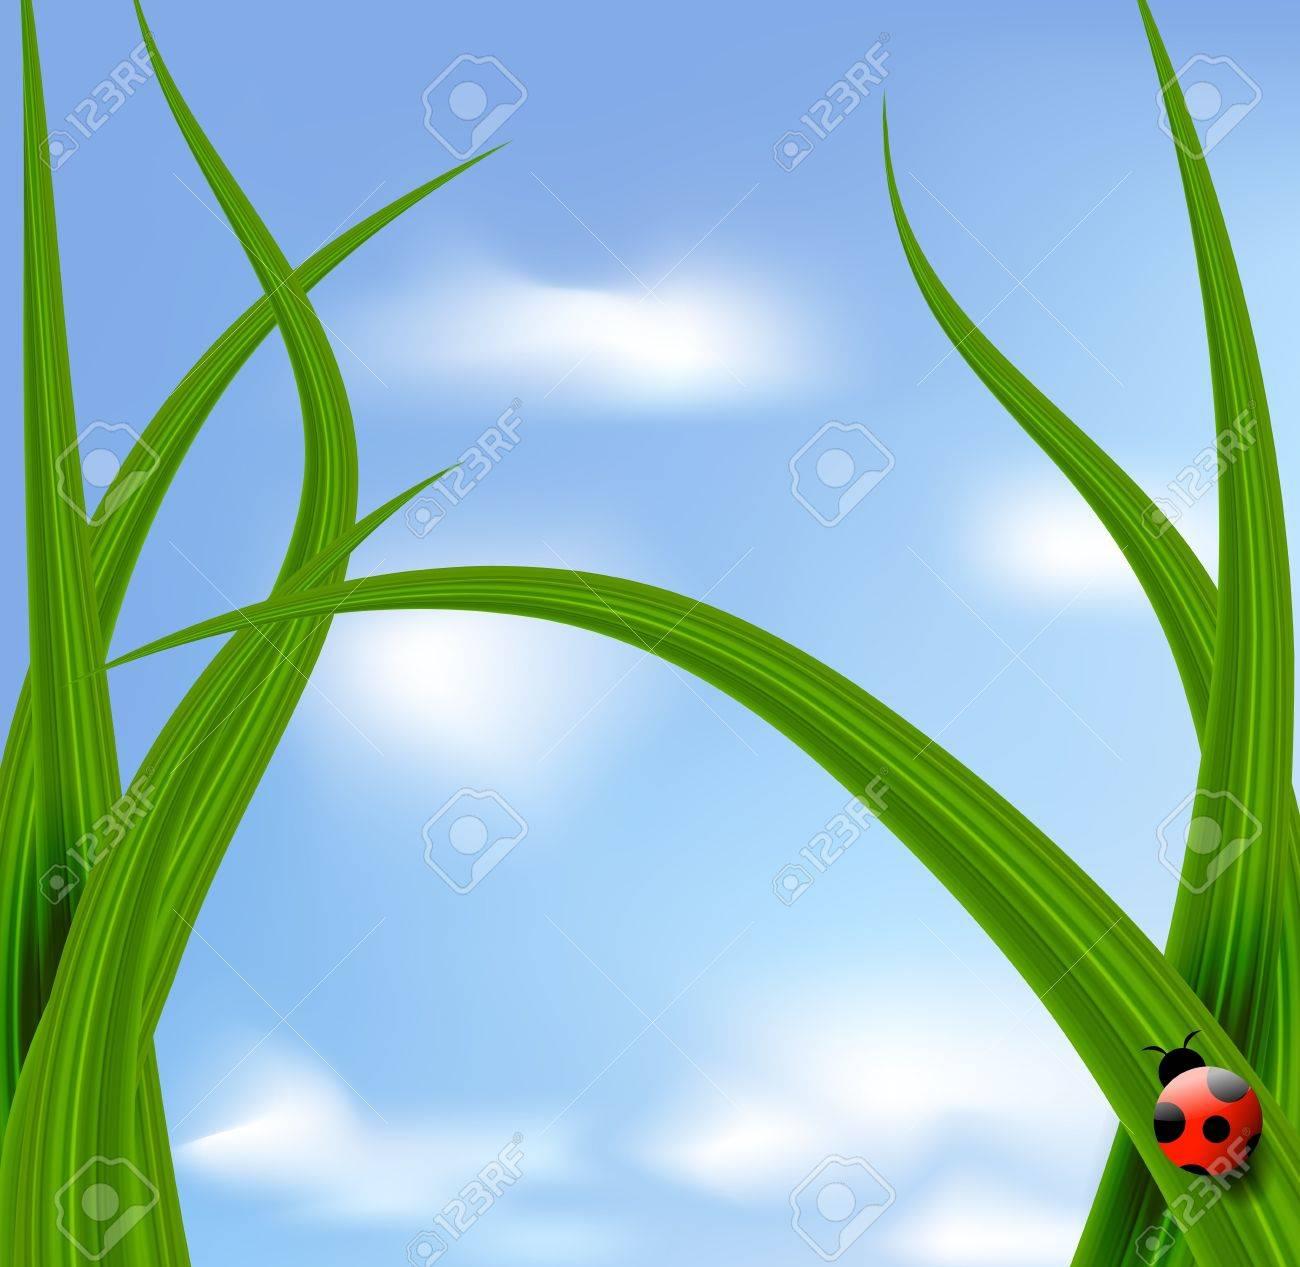 Vector grass against blue sky and ladybird Stock Vector - 12711420